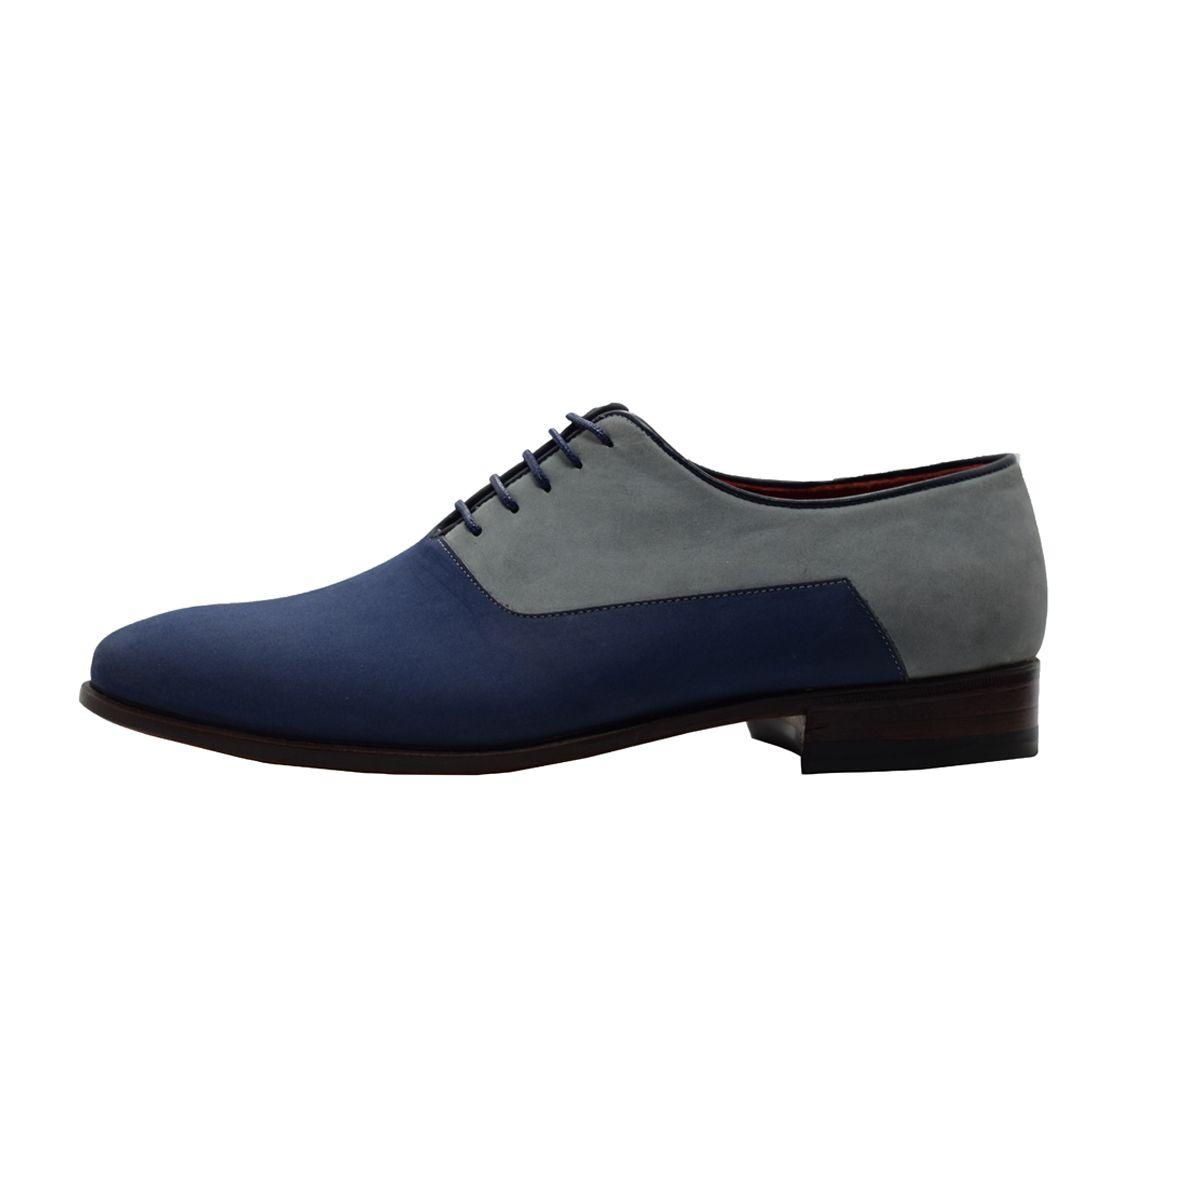 کفش مردانه دگرمان مدل آدر کد deg.2301-239 -  - 2